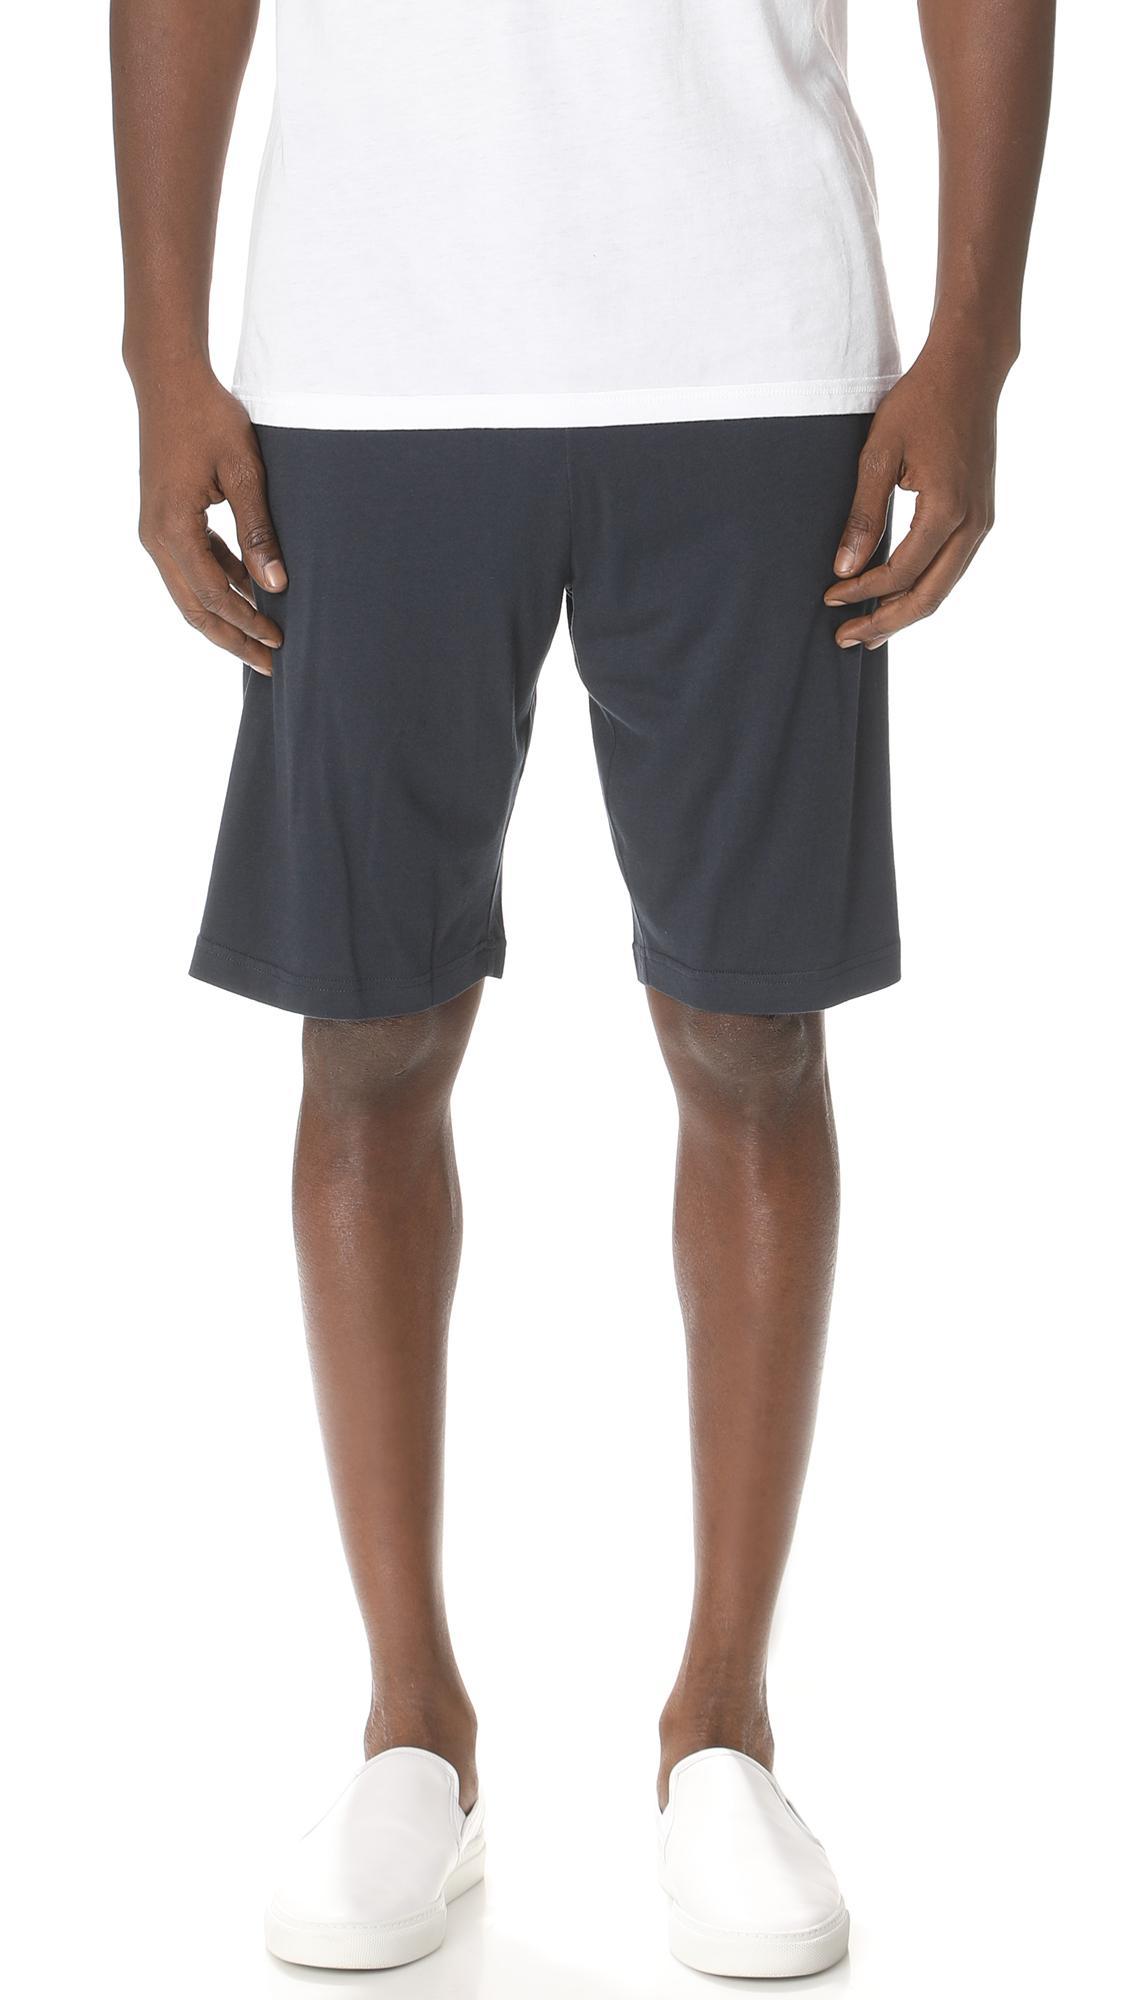 Sunspel Lounge Shorts In Black, Grey